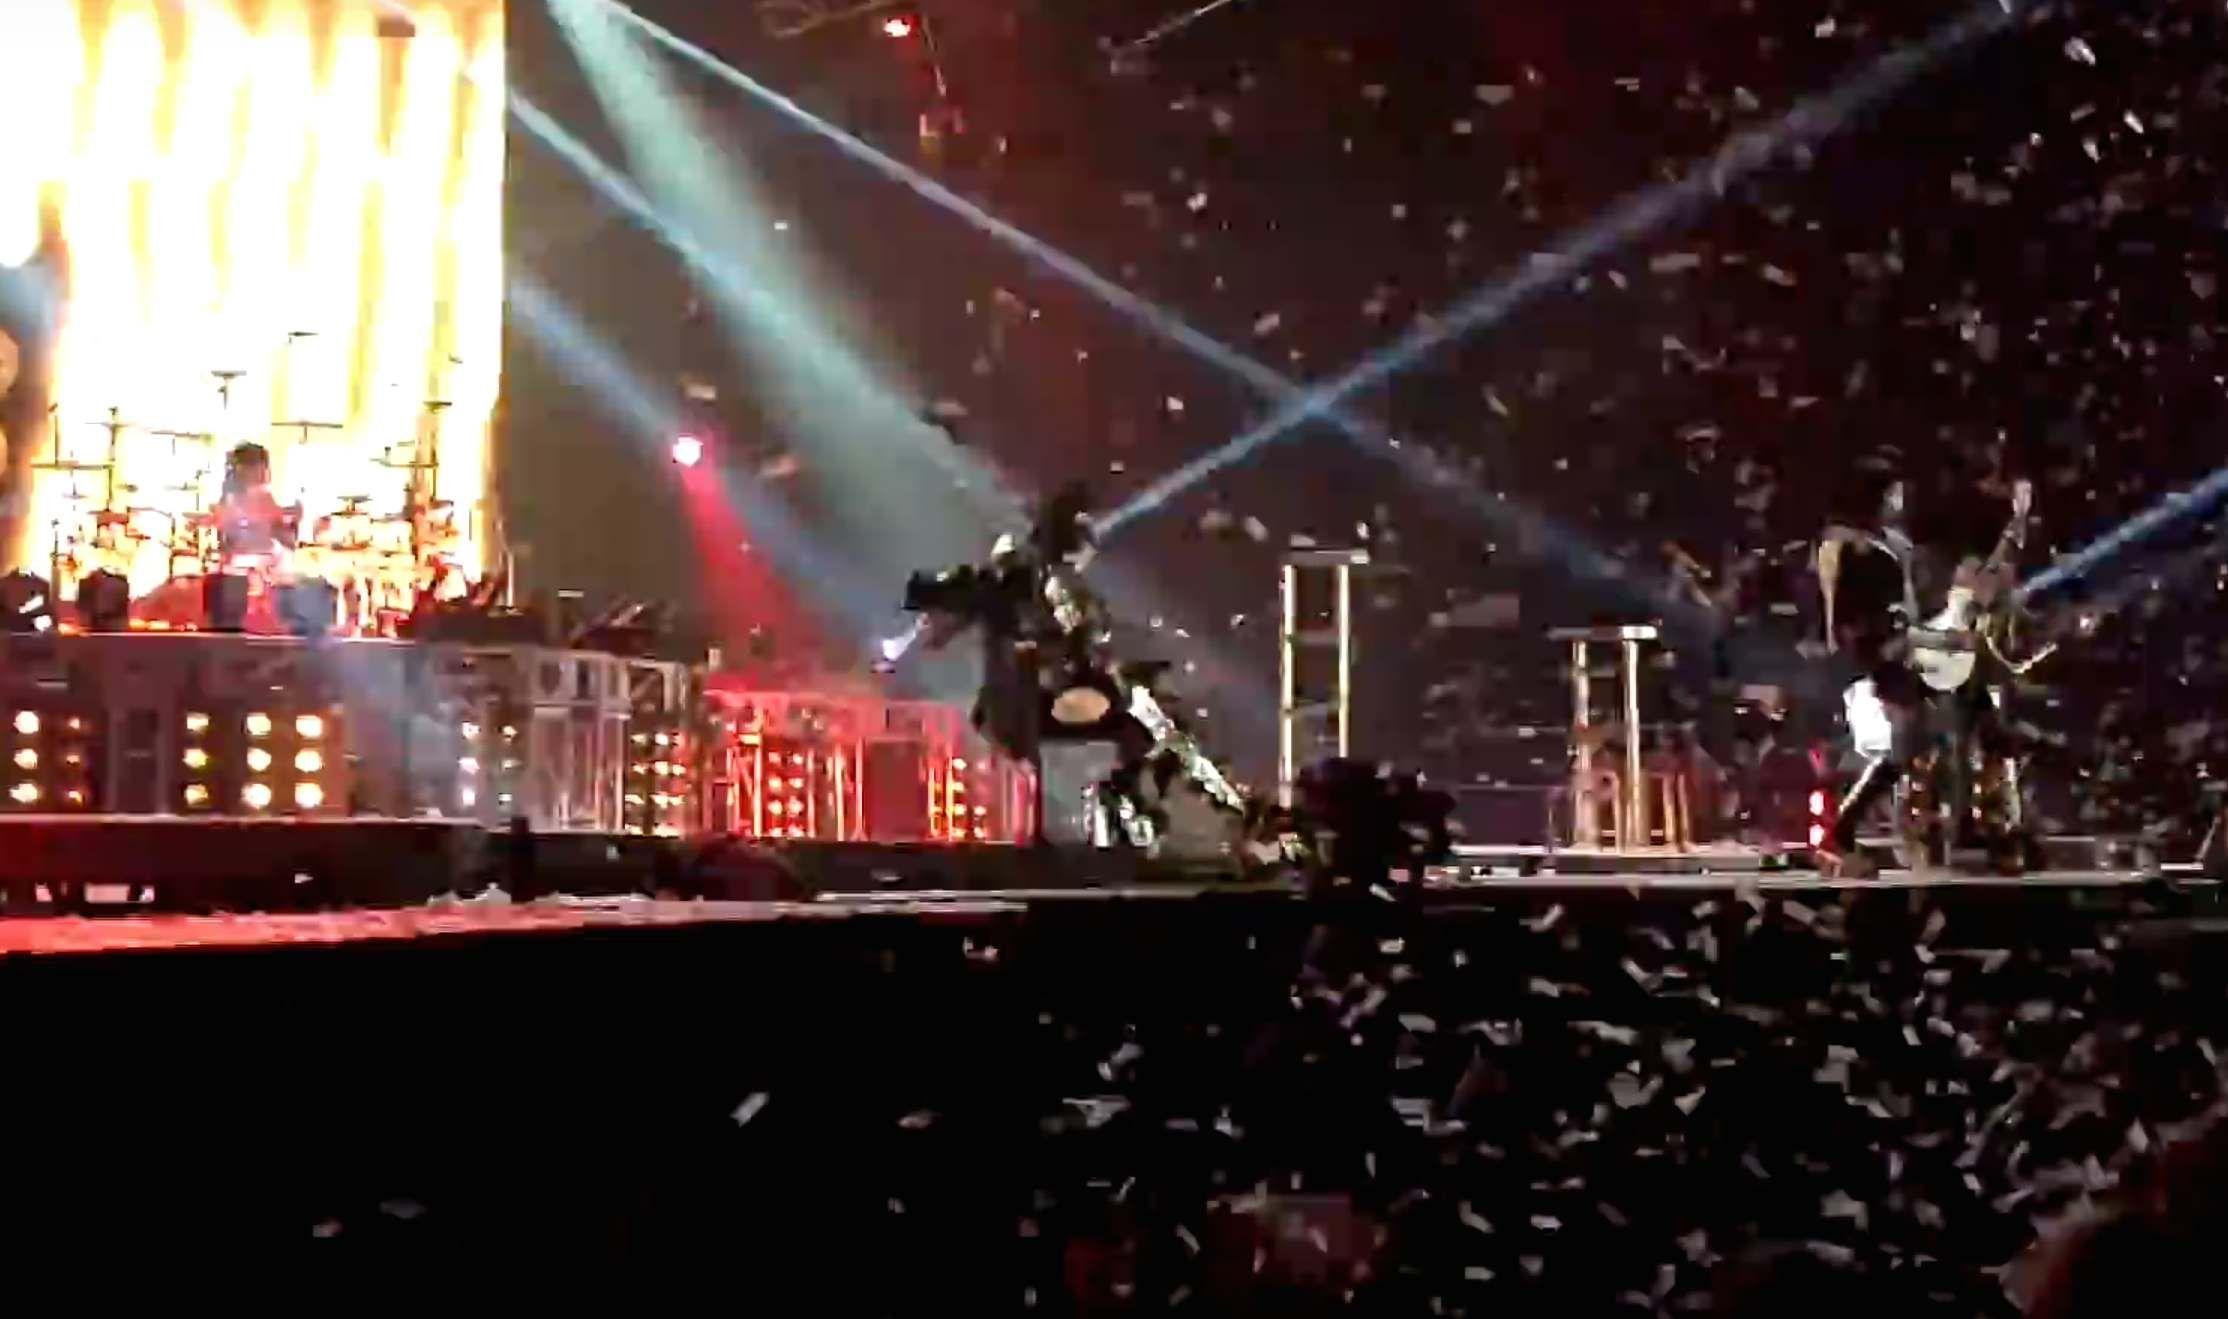 Tremenda caída de Gene Simmons, de Kiss, en pleno show: cayó de espaldas y no podía pararse